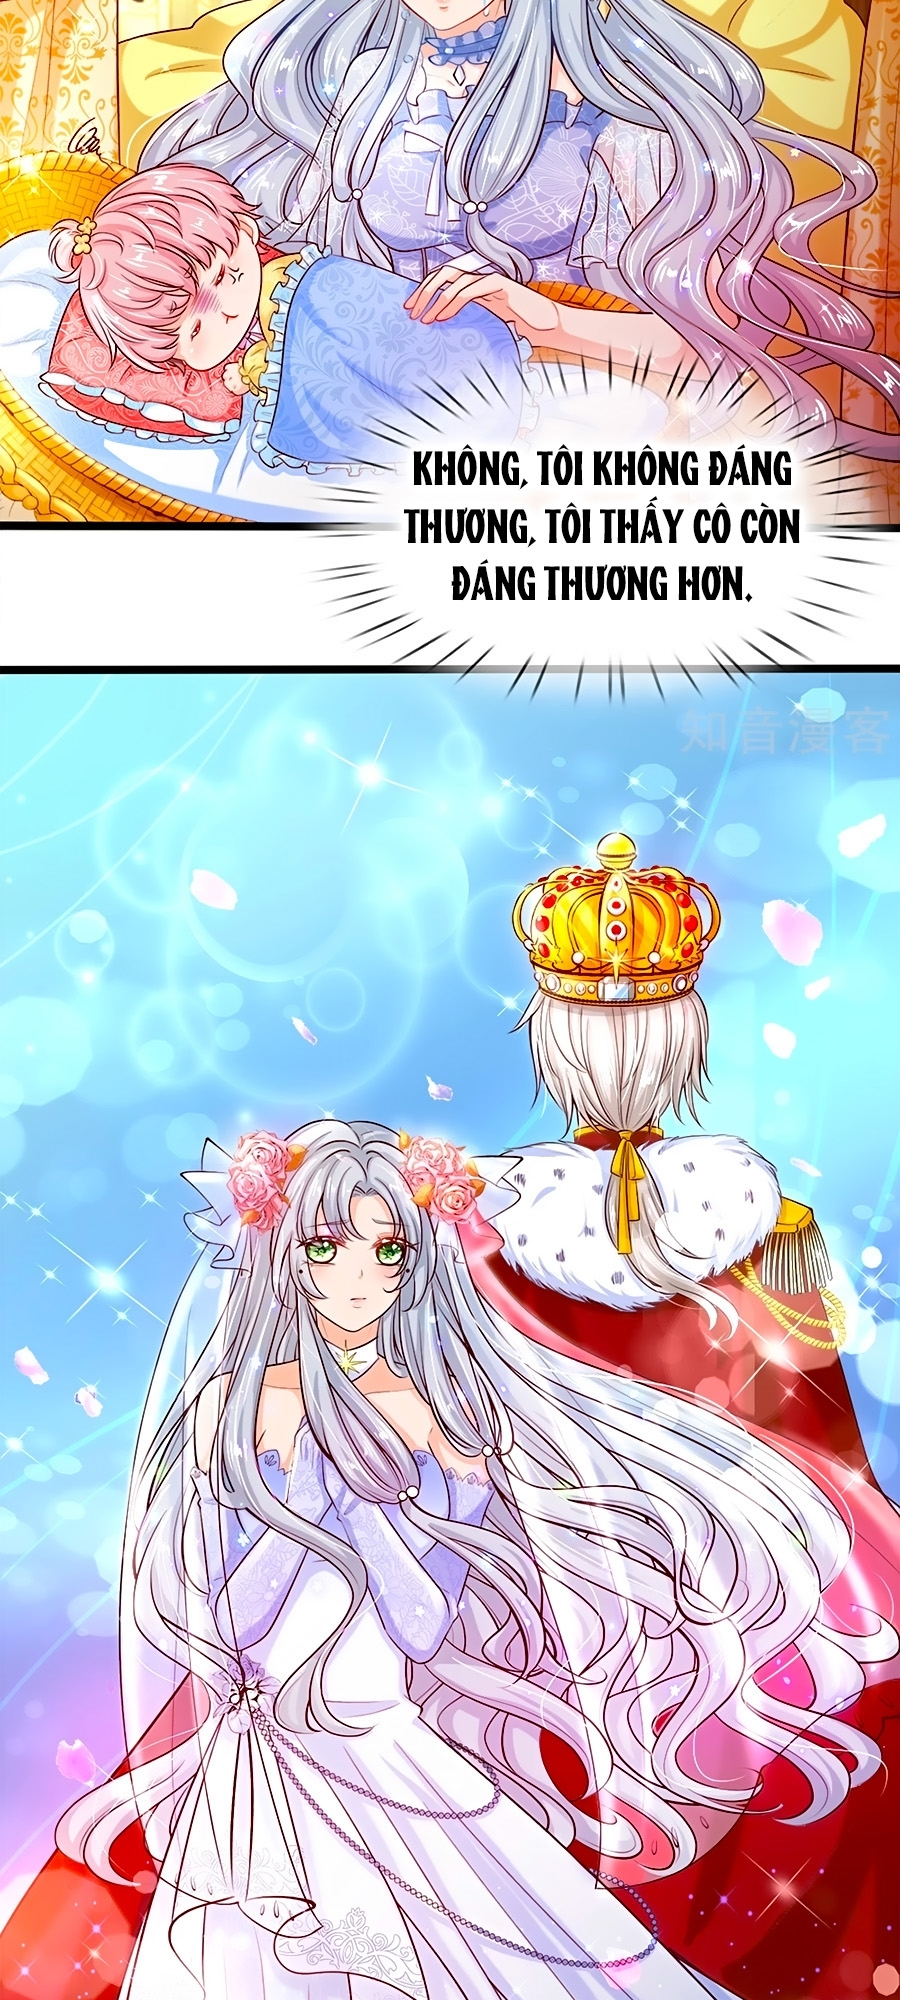 Hoàng Đế Bệ Hạ Đích Thiên Giới Bảo Bối chap 1 - Trang 32